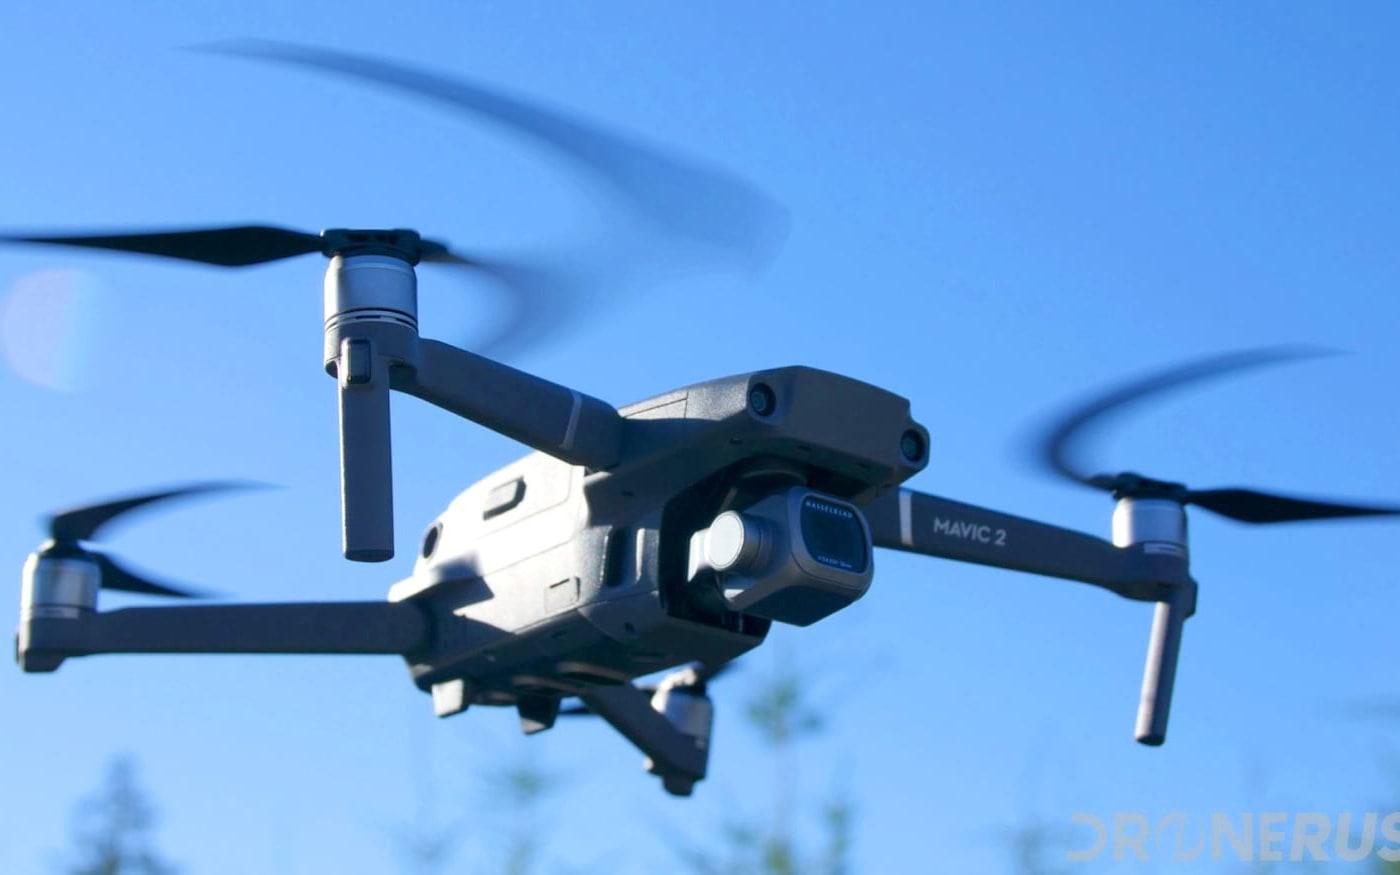 DJI quer que pessoas saibam quais drones estão próximos, para uma maior segurança